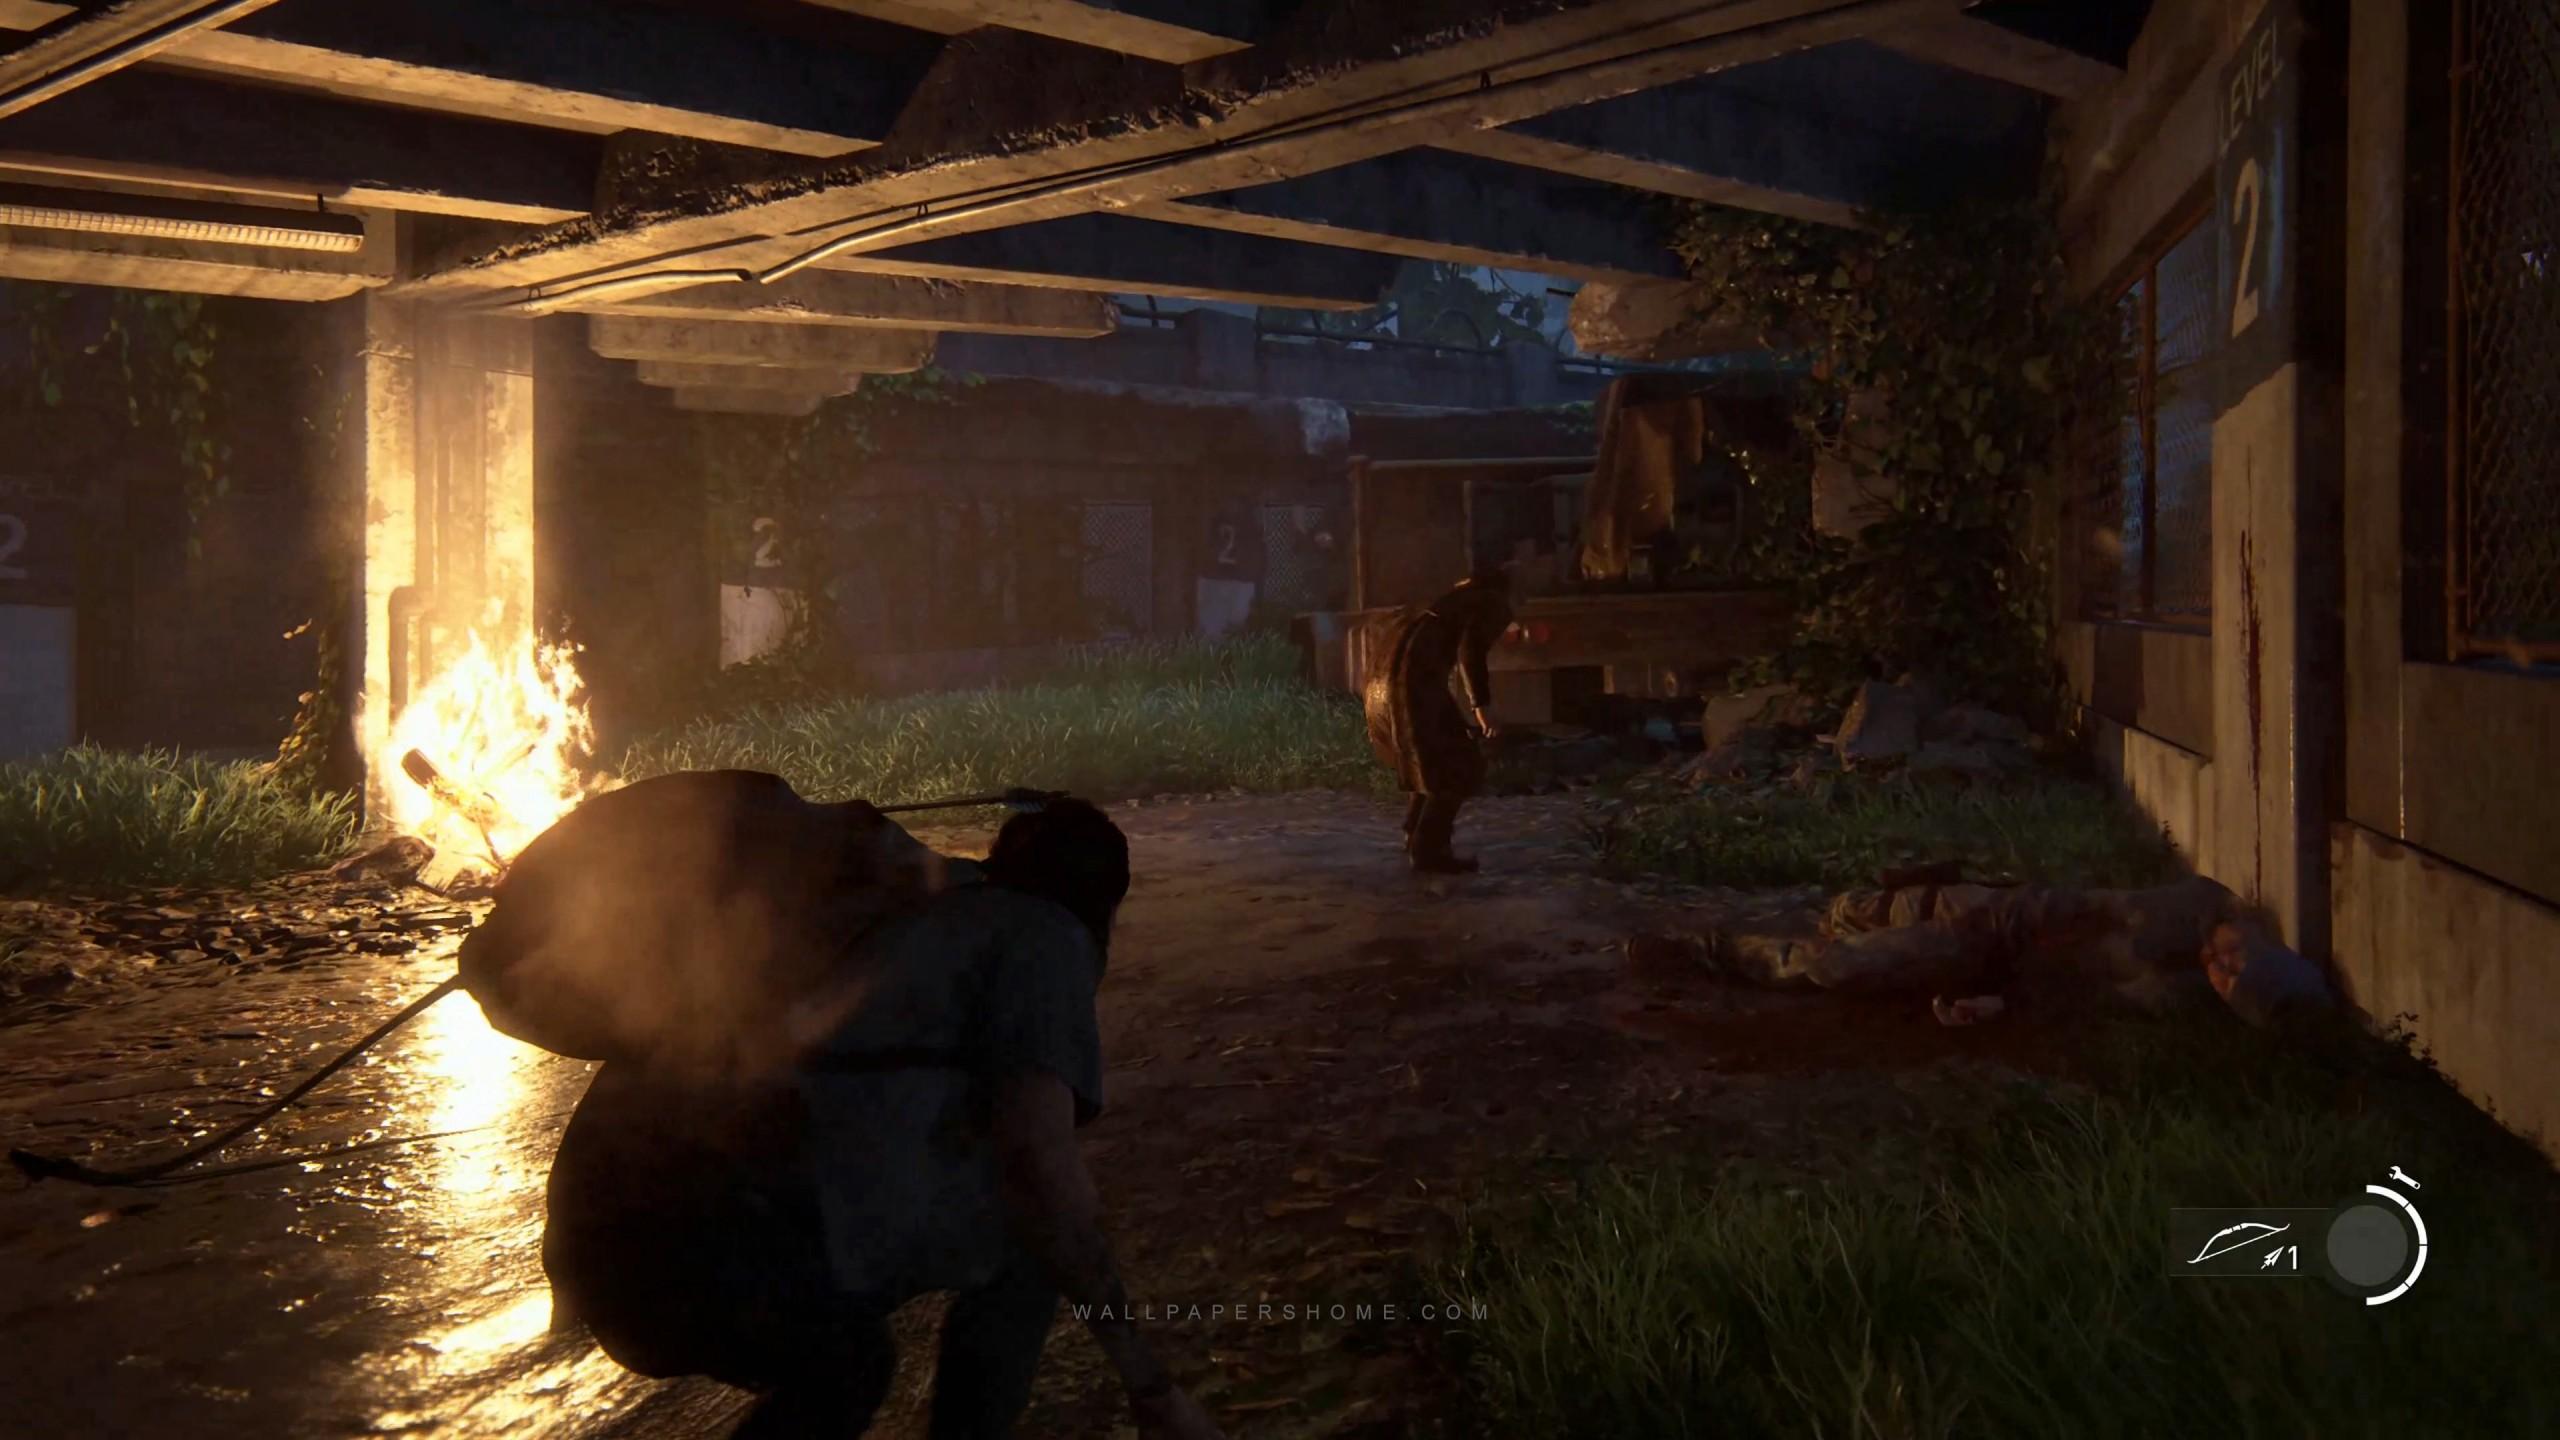 Wallpaper The Last Of Us Part 2 E3 2018 Screenshot